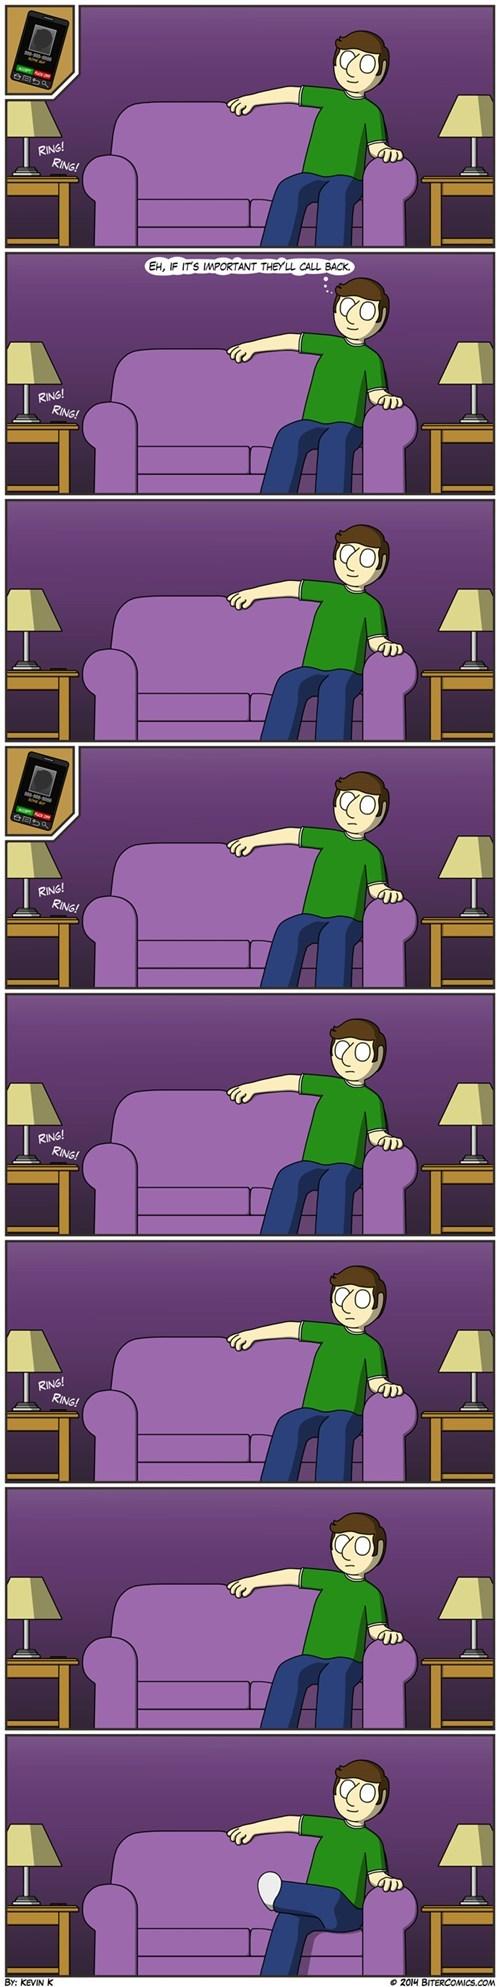 How Phones Work